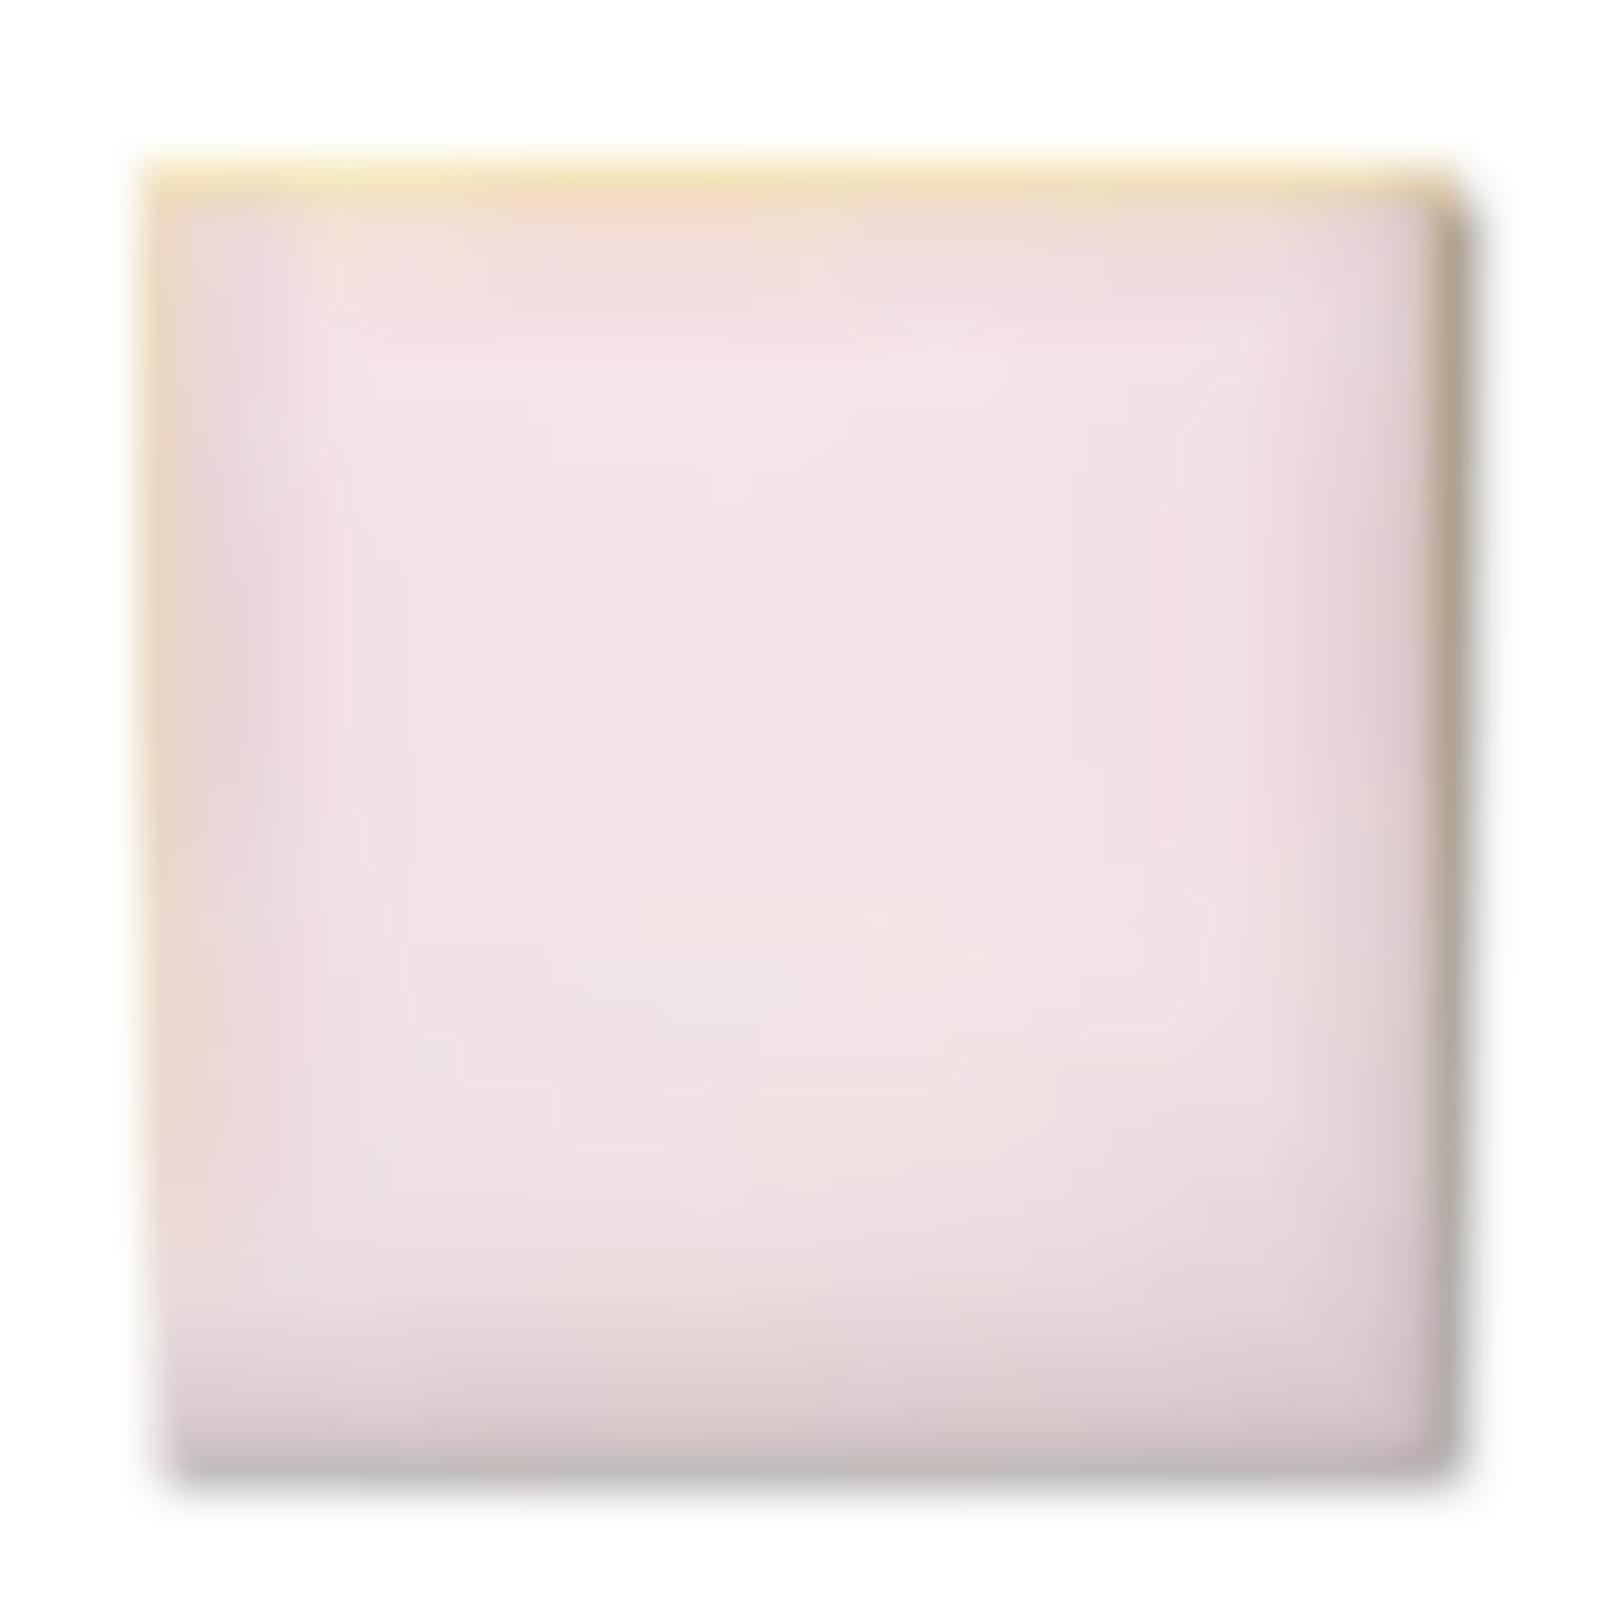 Ettore Spalletti-Senza titolo, rosa-2010